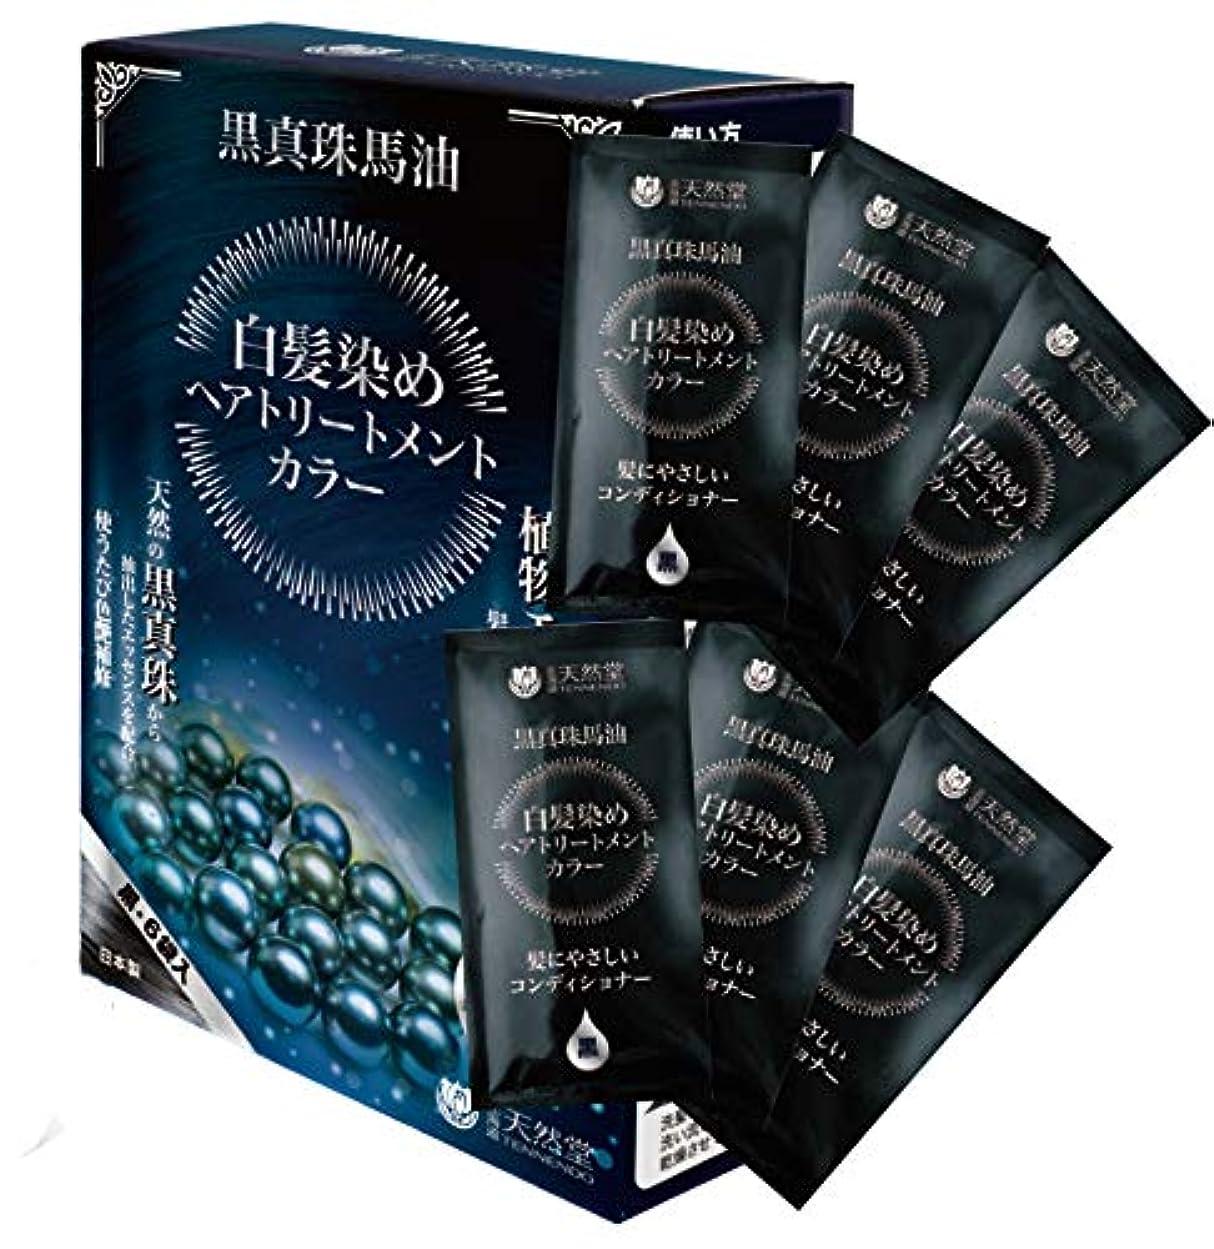 微生物航空ティーンエイジャー黒真珠馬油 白髪染め へアトリートメントカラー (黒) 20g×6 / 北海道天然堂